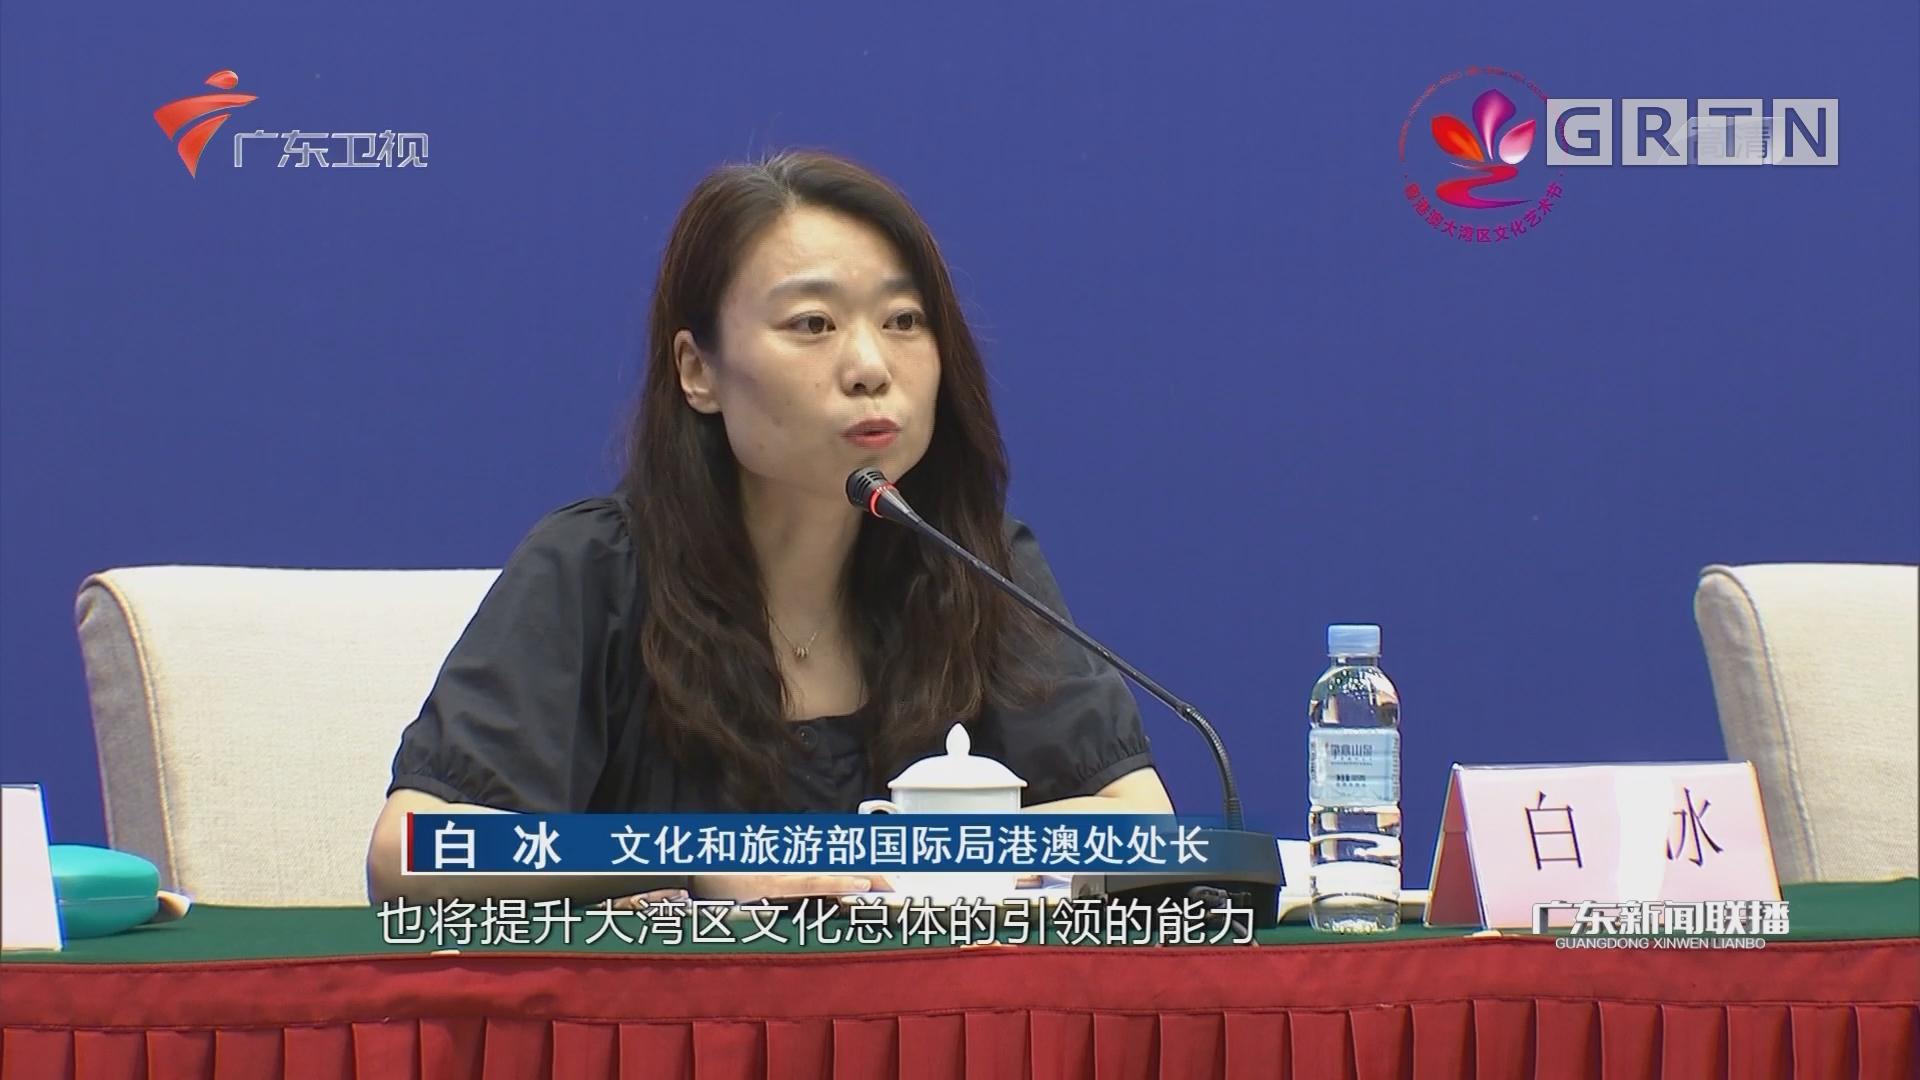 [HD][2019-06-18]广东新闻联播:四川长宁6.0级地震已致13人遇难 200人受伤